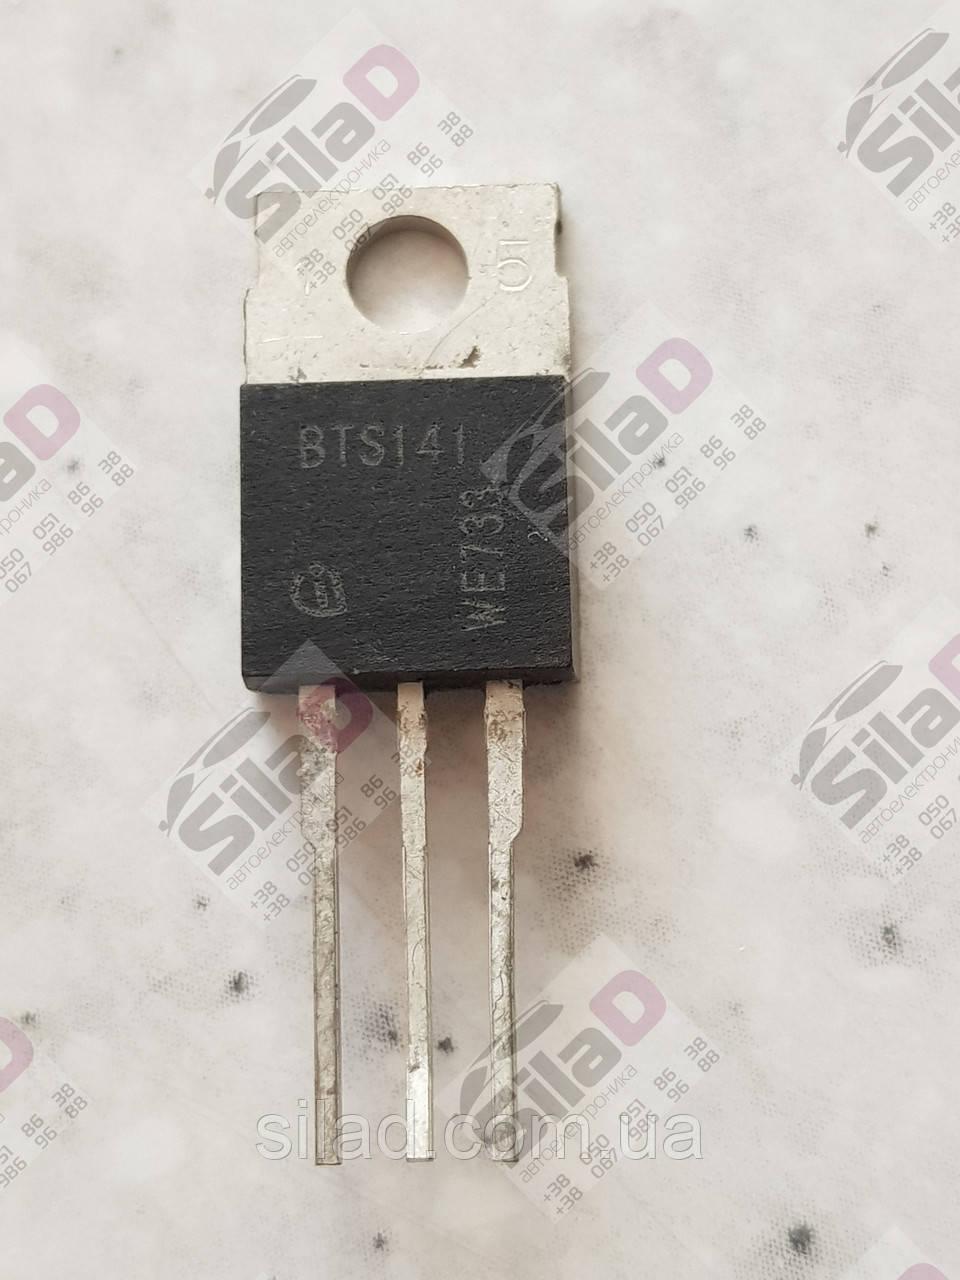 Транзистор BTS141 BTS141BKSA1 Infineon корпус TO-220-3